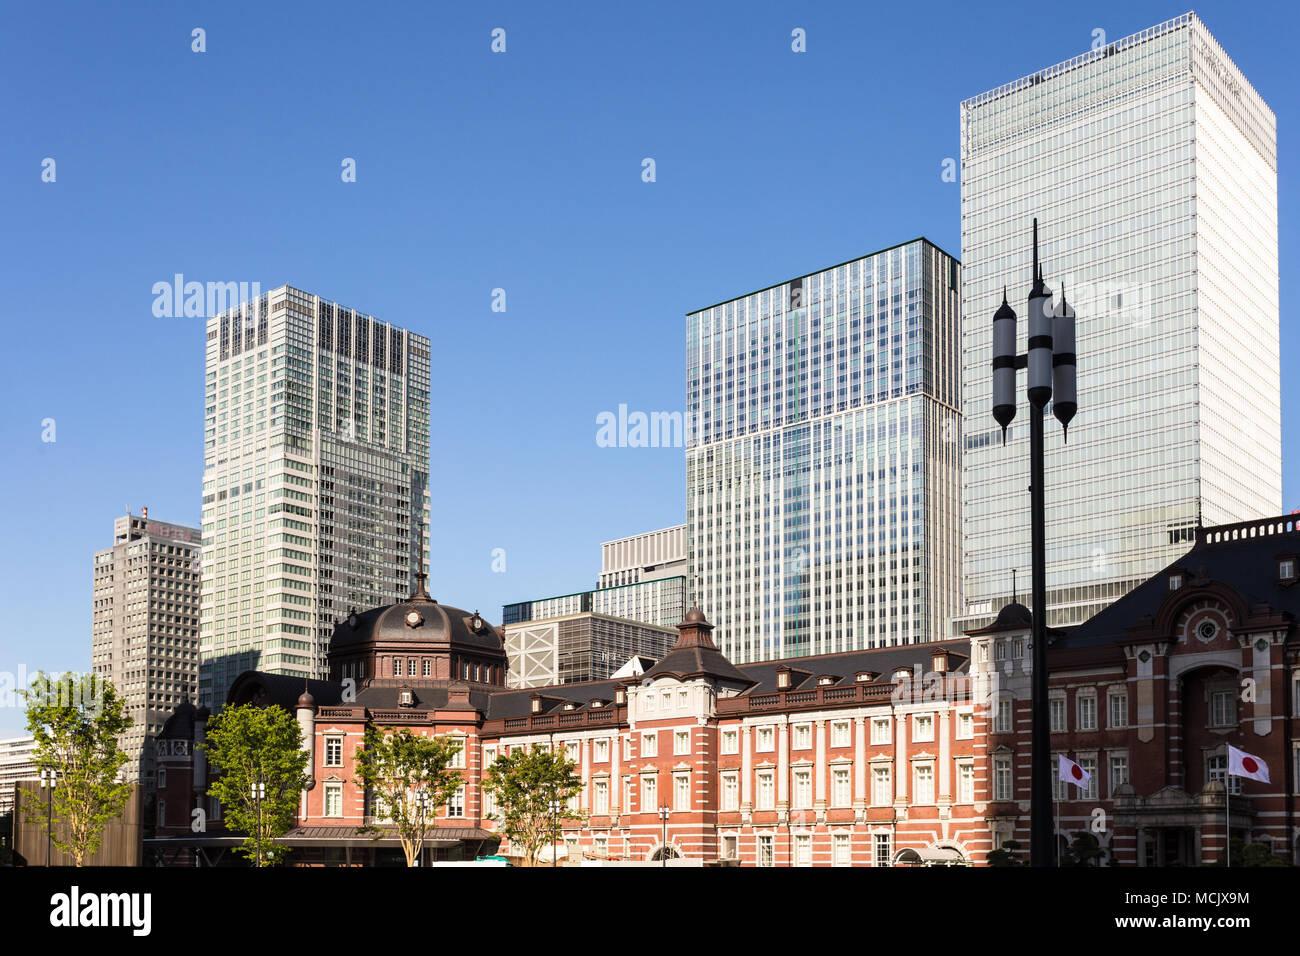 L'architecture classique de la gare JR de Tokyo contraste avec immeuble de bureaux modernes dans le quartier d'affaires de Marunouchi de Tokyo au Japon c Photo Stock